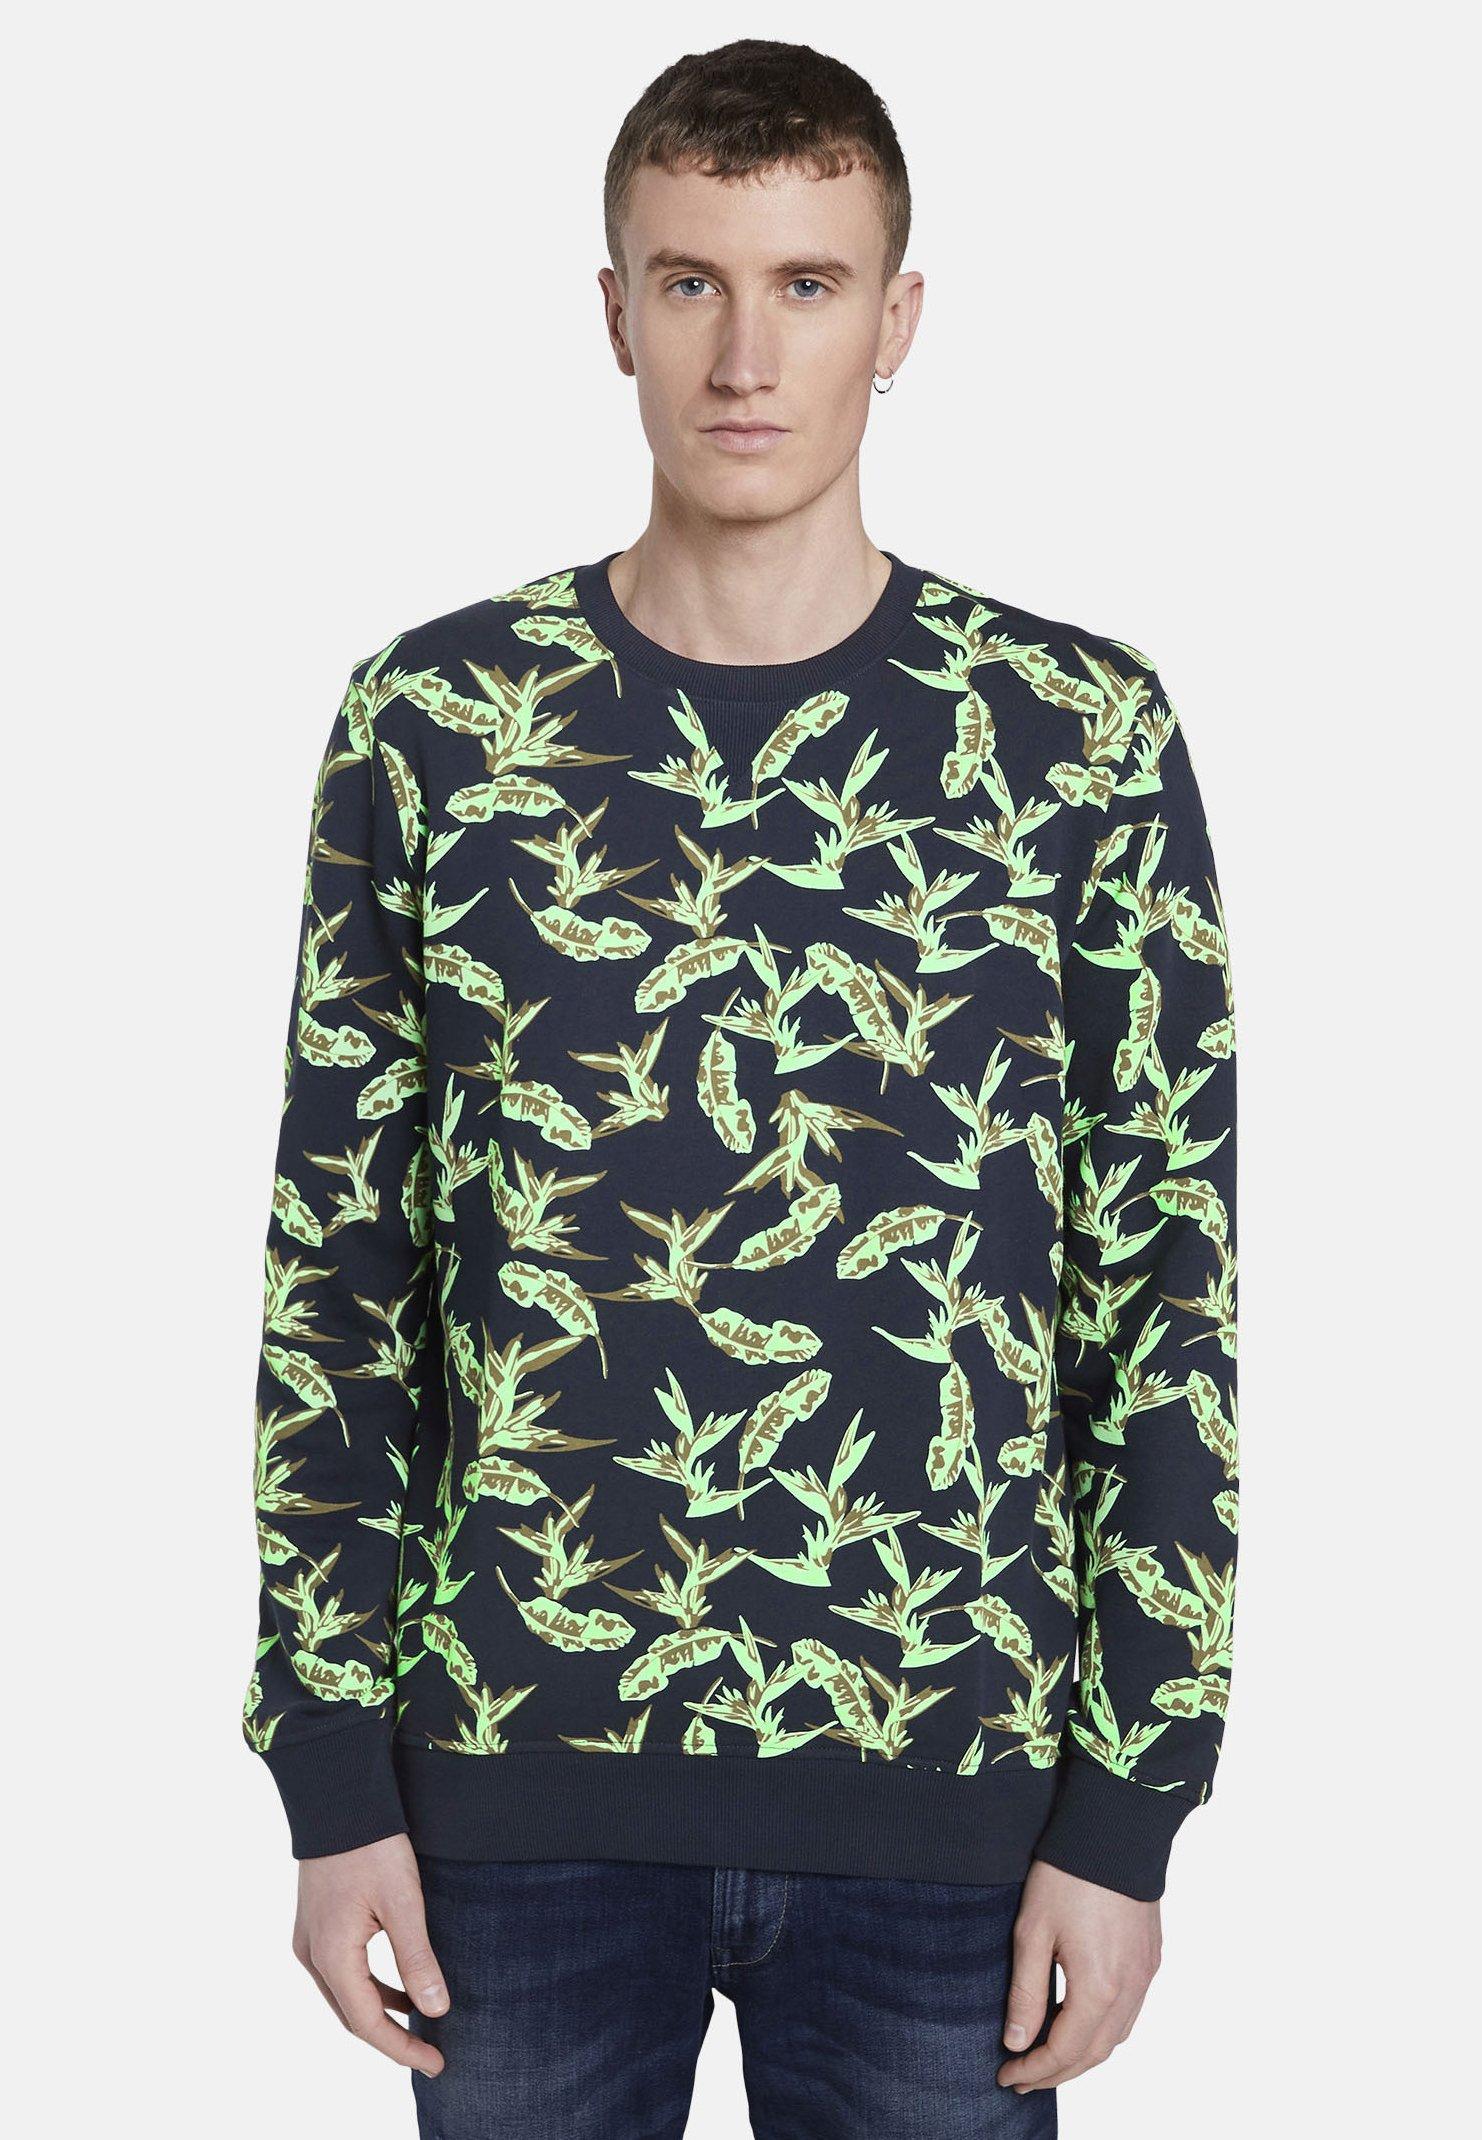 Homme STRICK & SWEATSHIRTS SWEATSHIRT MIT TROPISCHEM PRINT - Sweatshirt